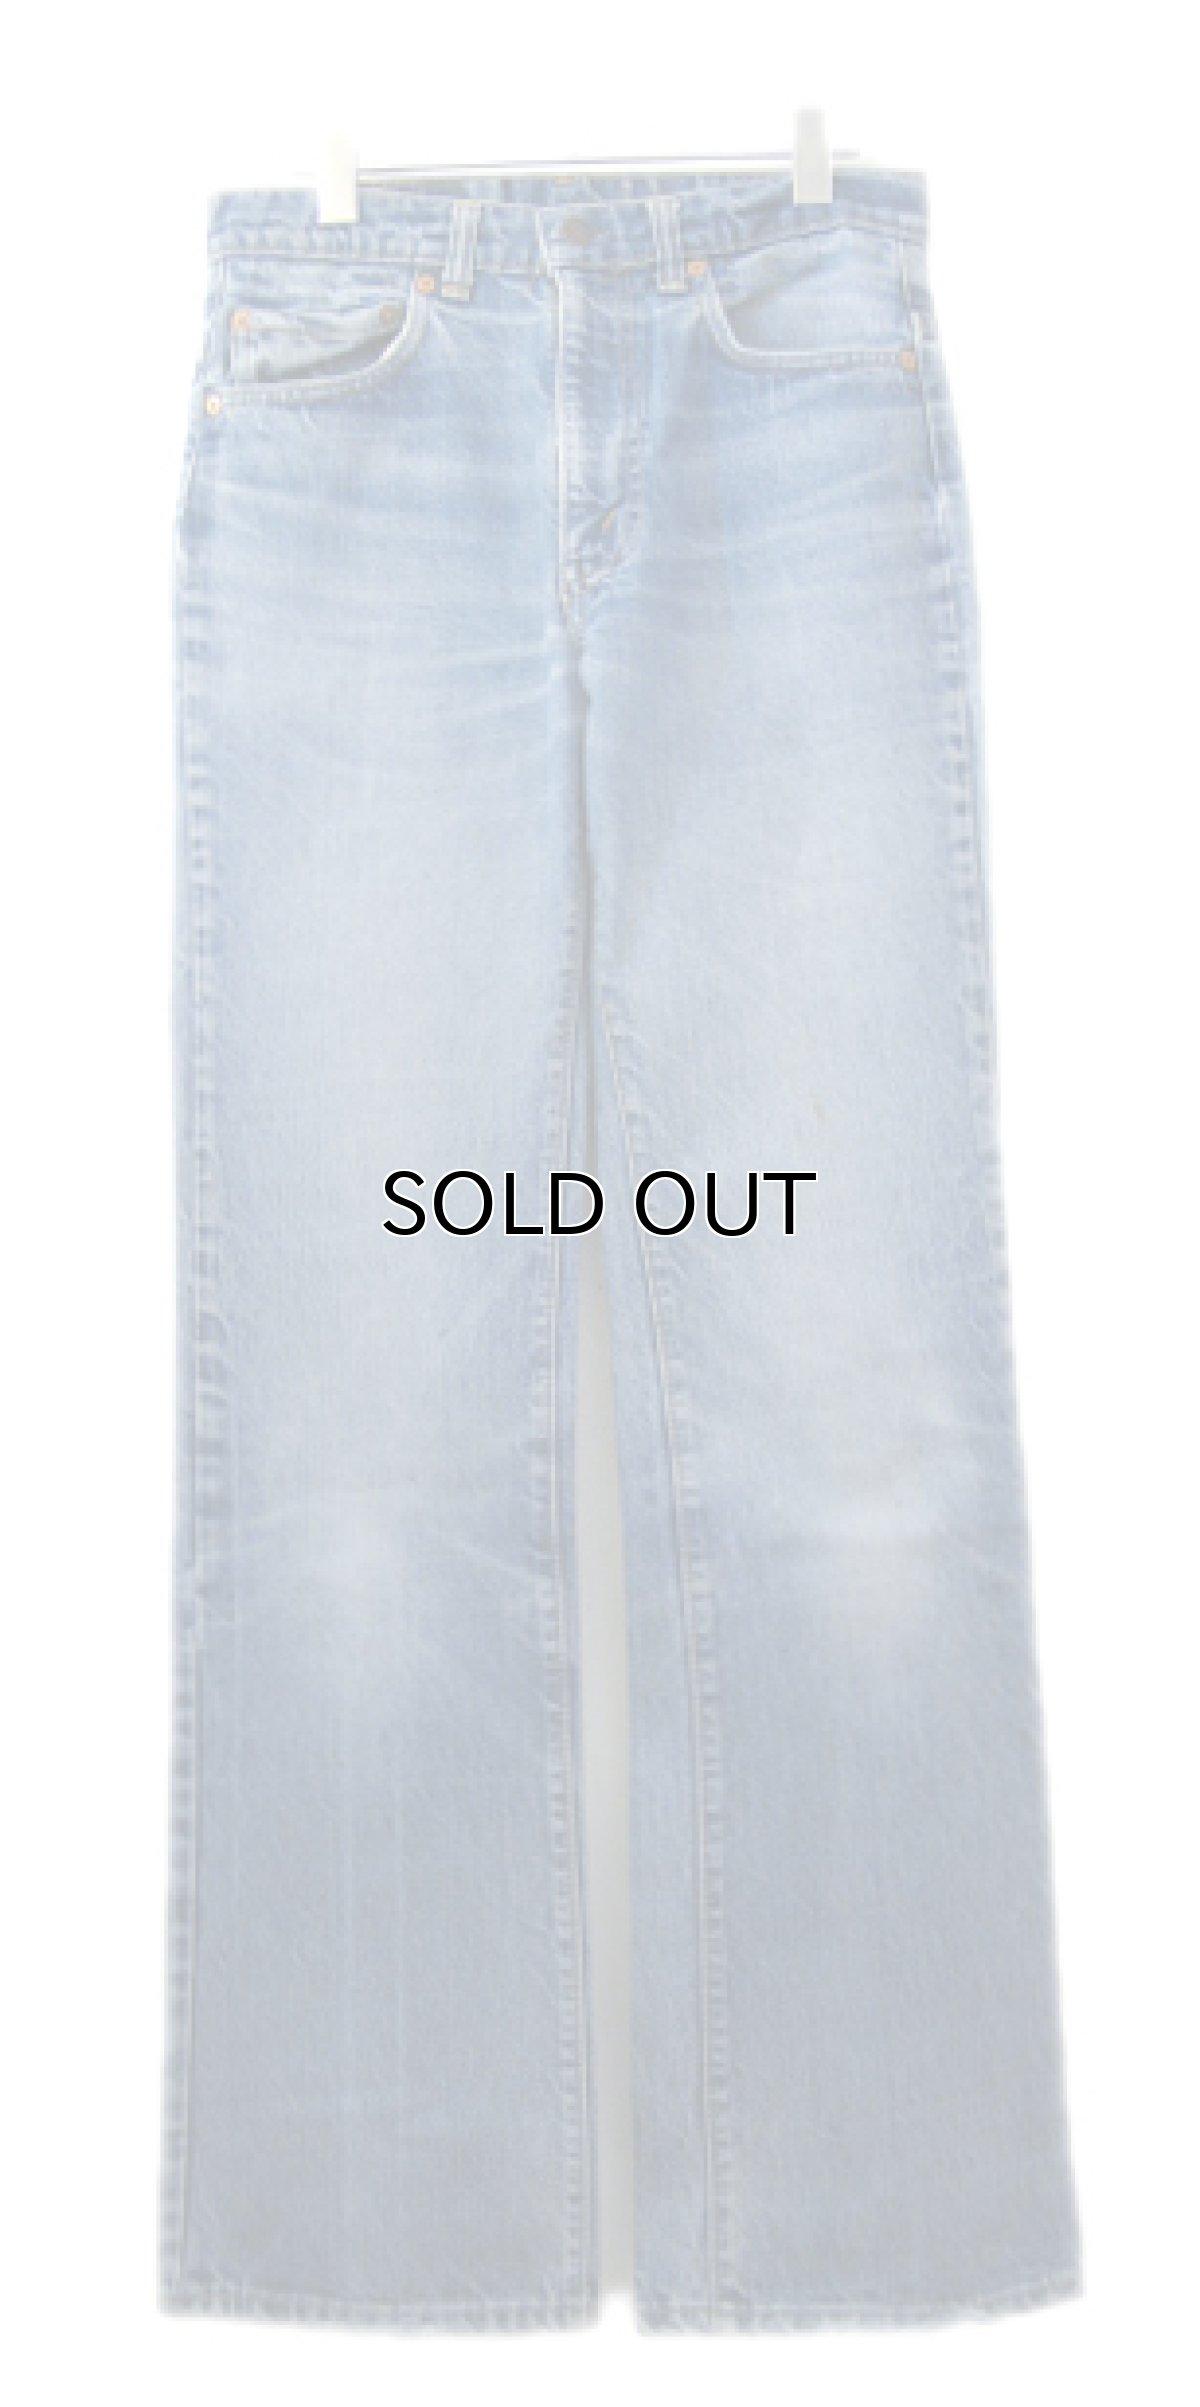 画像1: 1980's Levi Strauss & Co. Lot 517 bar-tuck Denim Pants Blue Denim size w 30.5 inch (表記 31 x 34) (1)